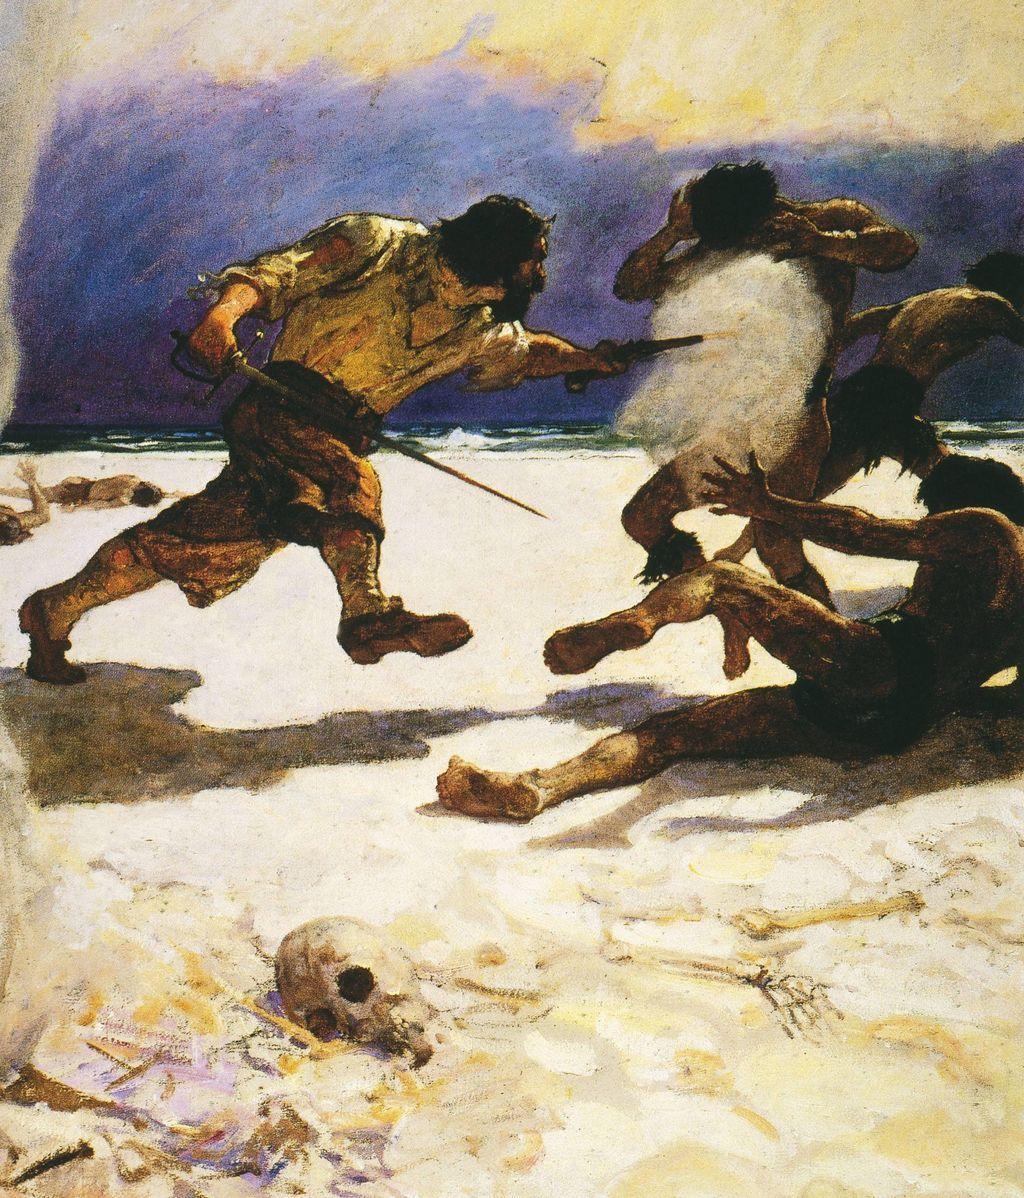 Una de las primeras portadas de Robinson Crusoe